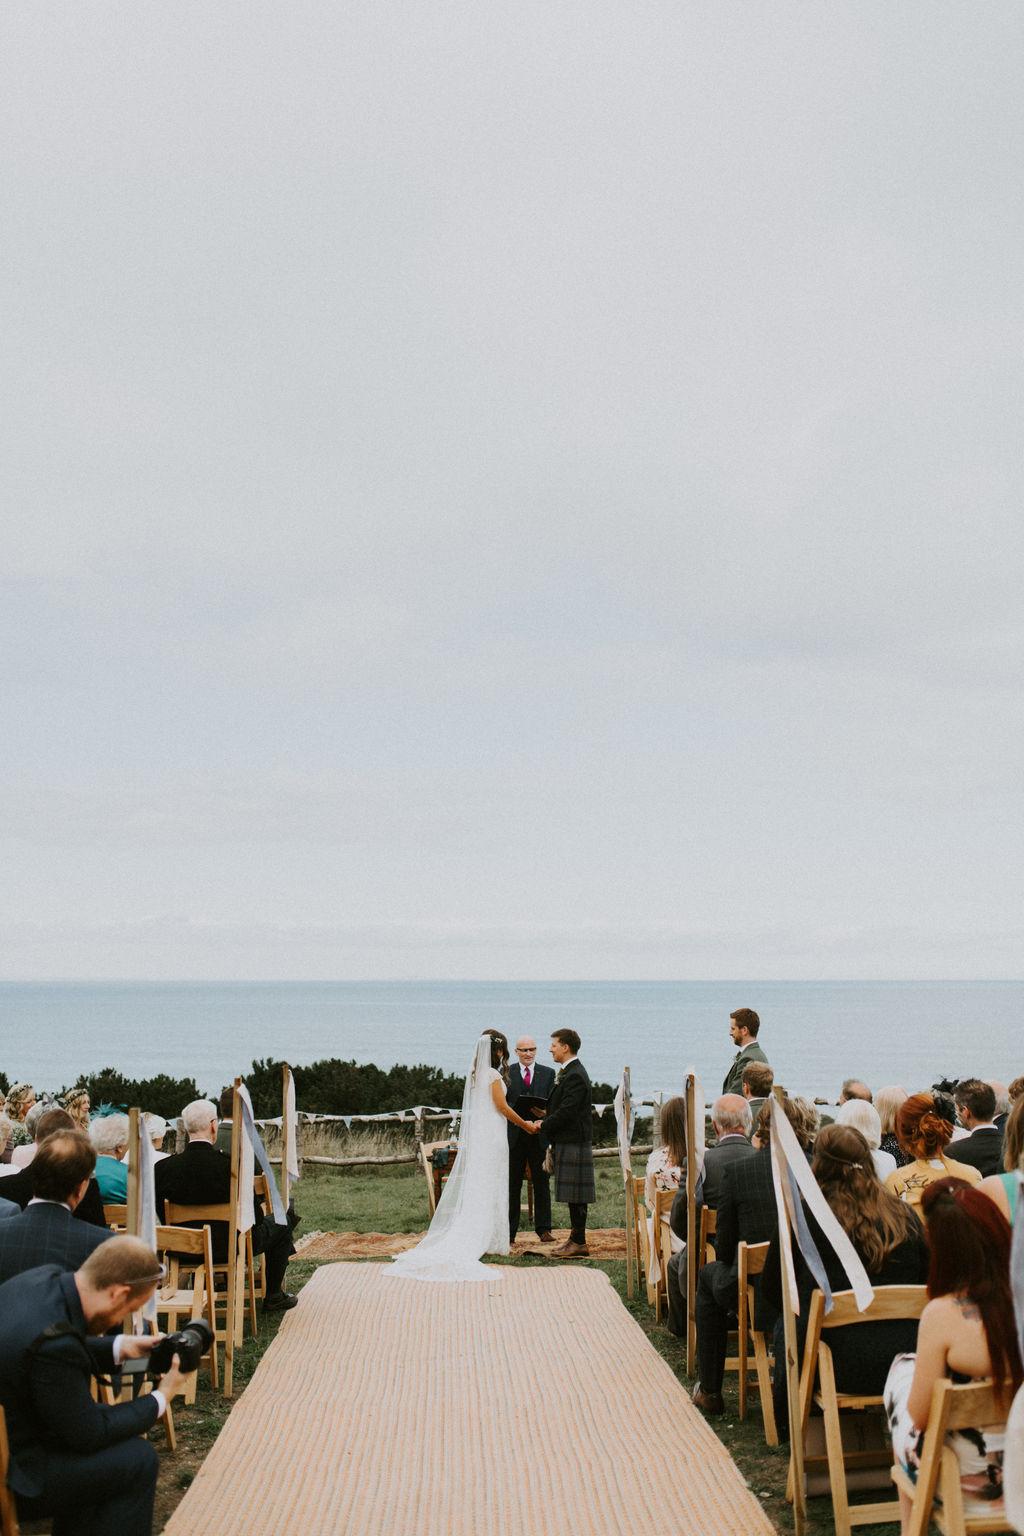 the-log-cabin-ravensheugh-wedding-lavender-and-rose27.jpg